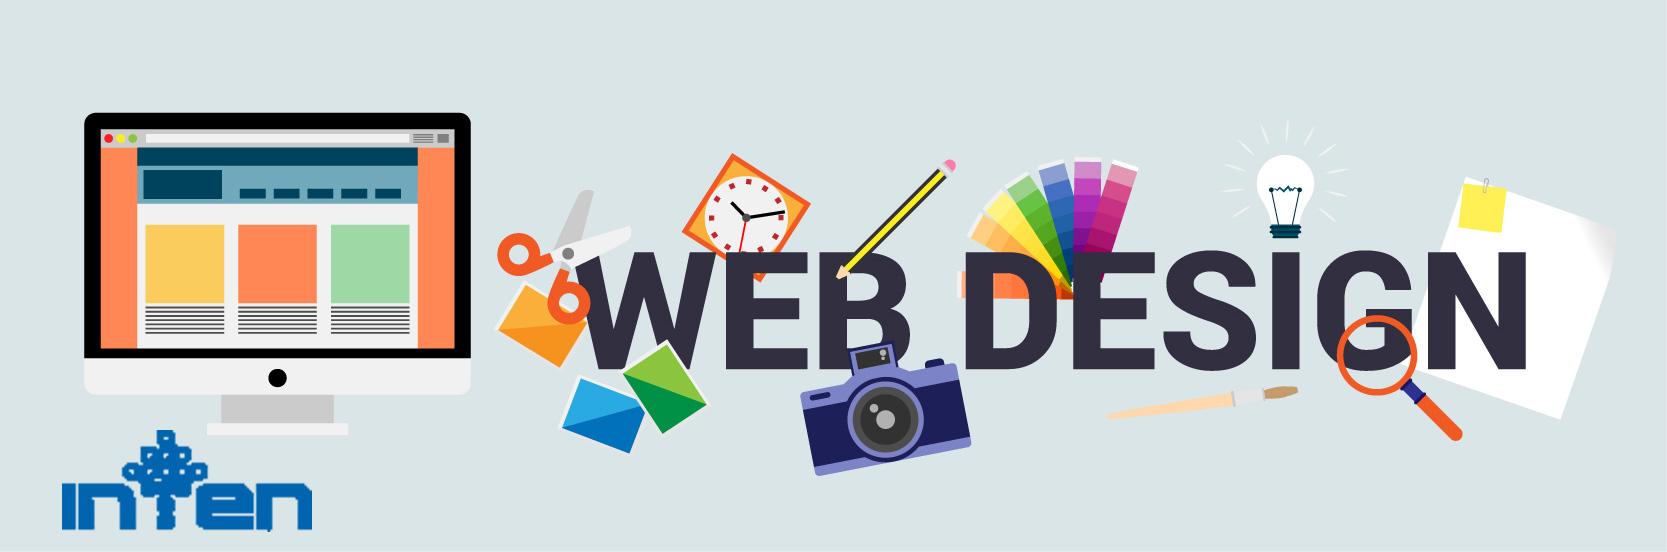 طراحی سایت-هزینه طراحی سایت ارزان در اینتن